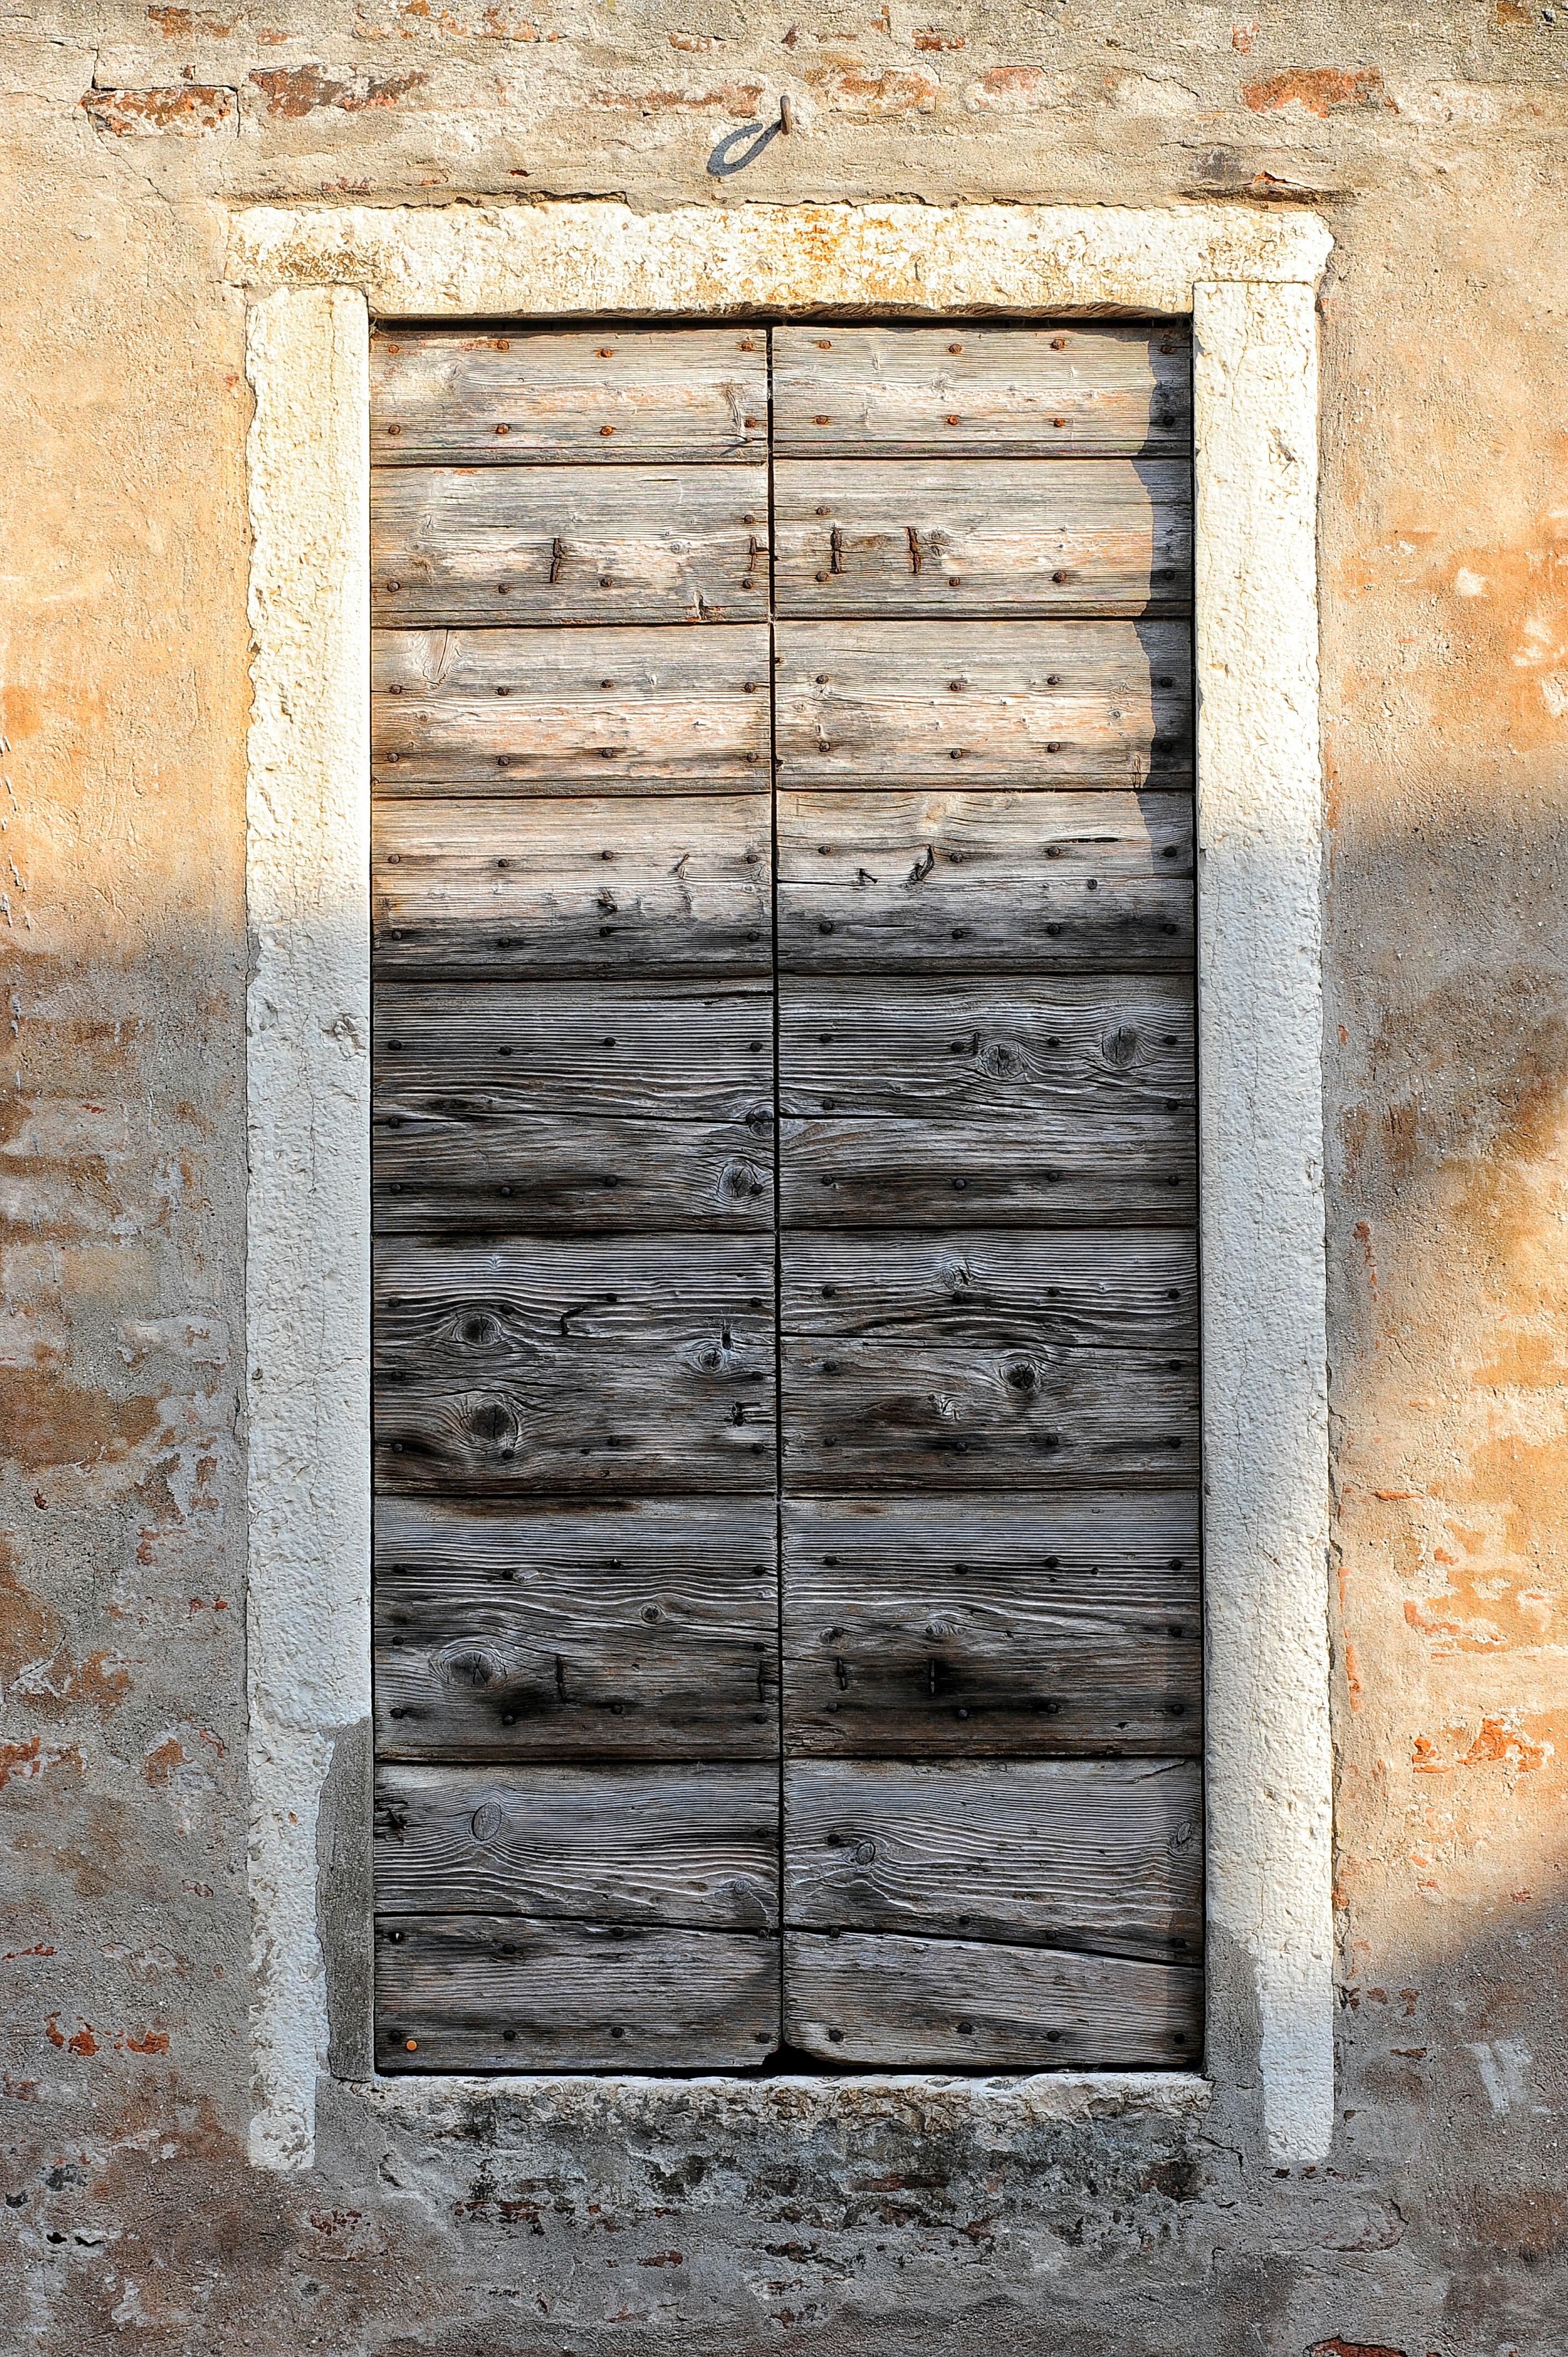 Images Gratuites Bois Texture Fenêtre Mur Couleur Peindre